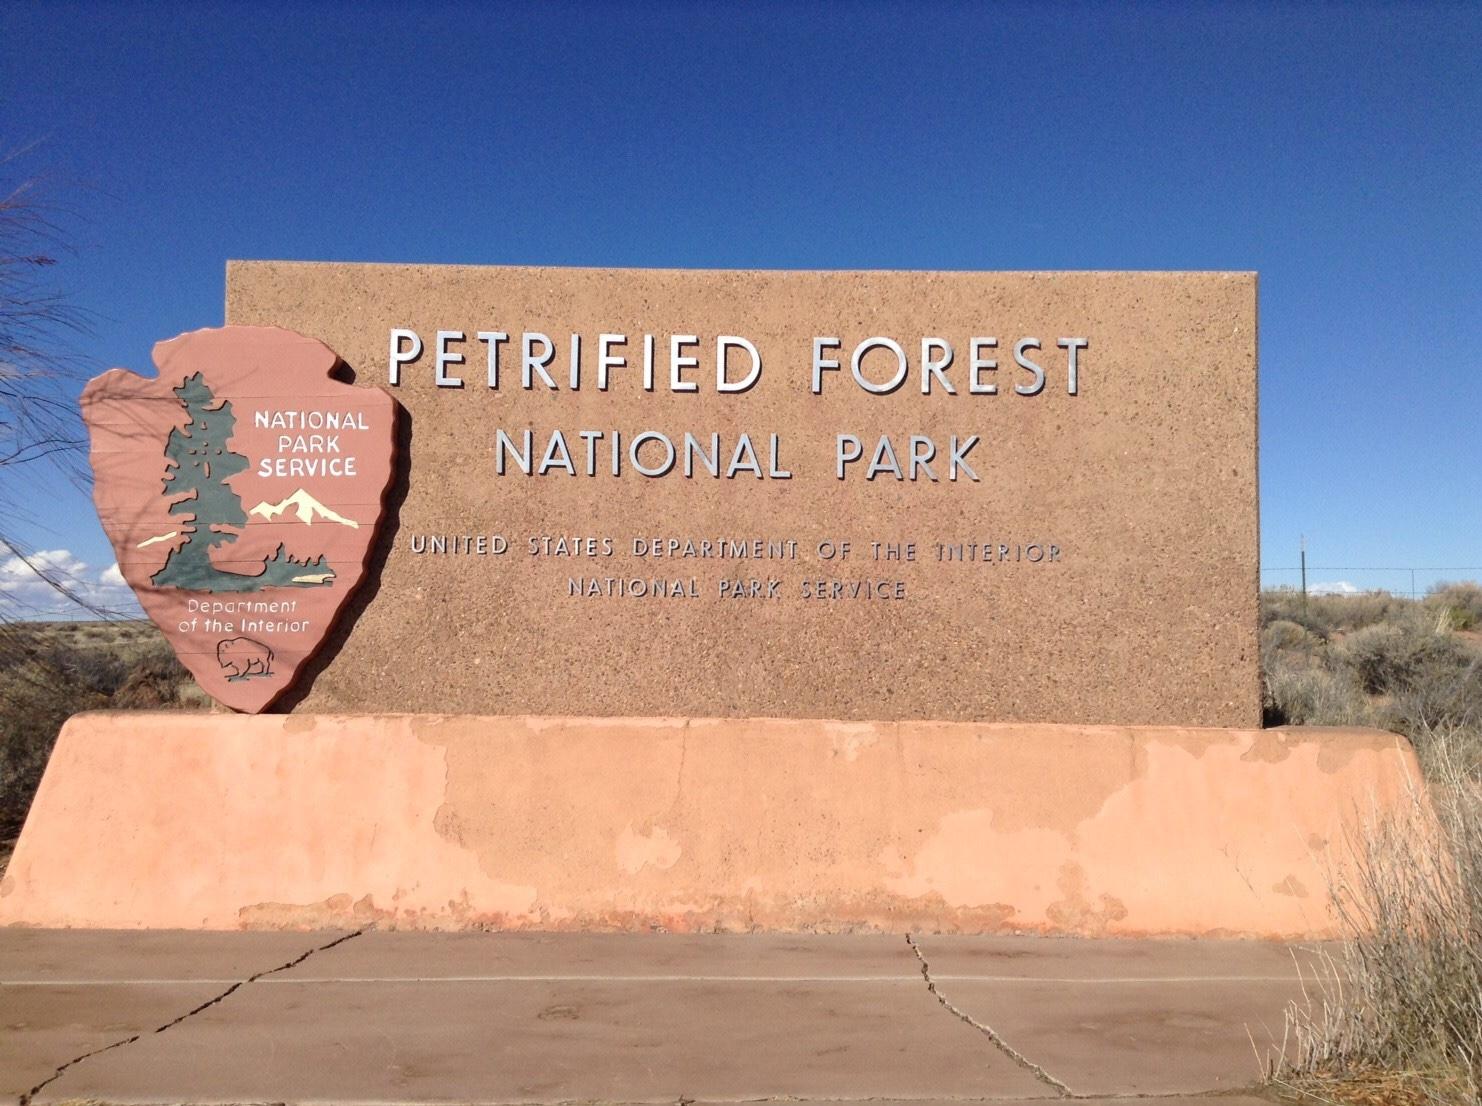 化石の森国立公園は想像以上に神秘的な場所だった。